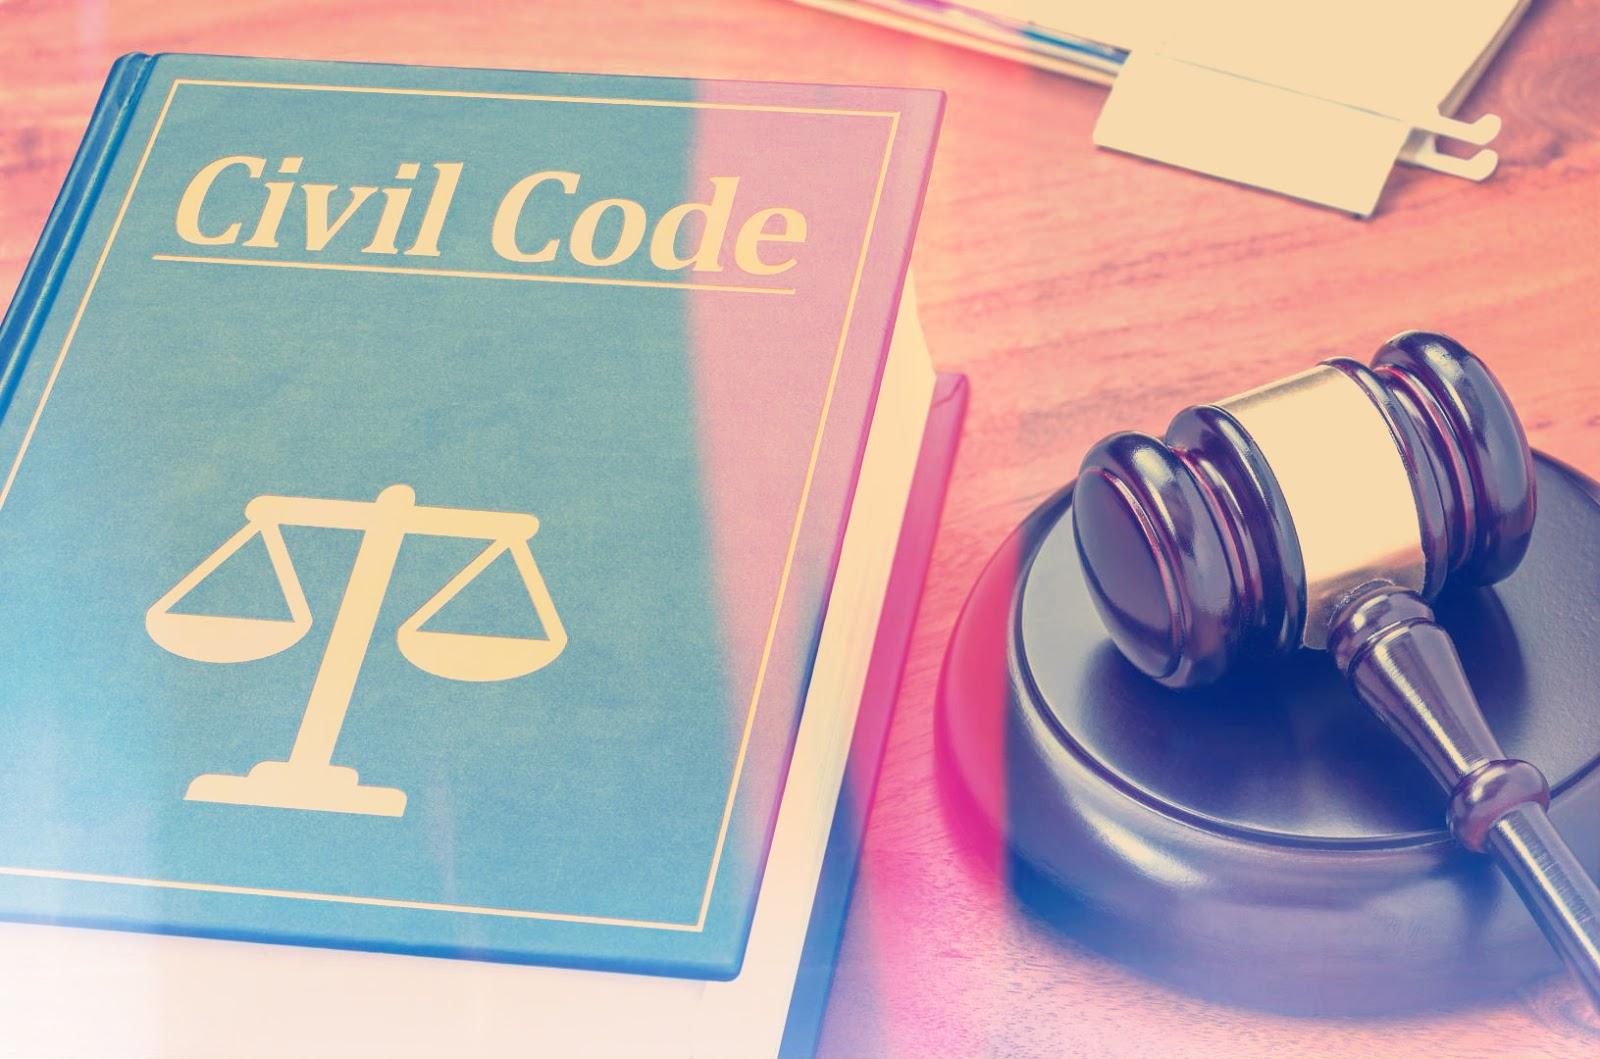 Beca Para Especializacion En Derecho Civil Personas 4 Cursos Certificados Online Usa Uk Ifades Institute Instituto Franco Americano Del Derecho Y Estudios Superiores